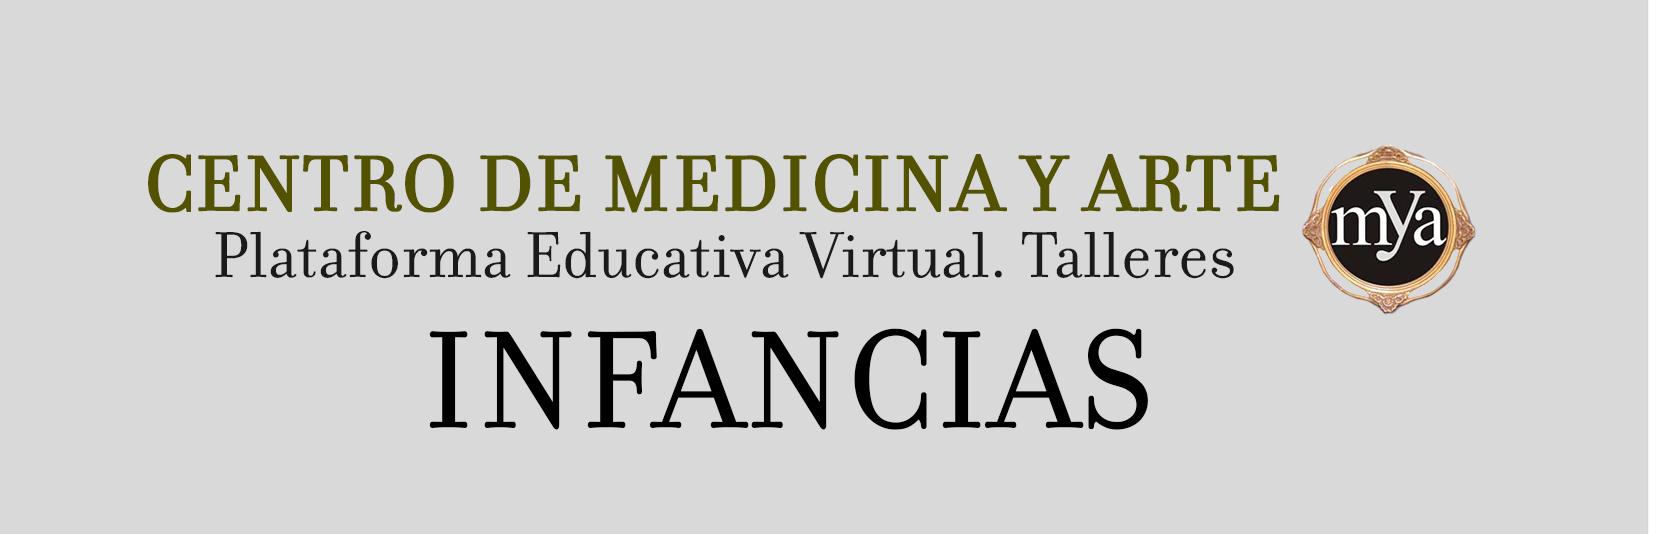 http://medicinayarte.com/img/Taller-de-Medicina-y-Arte_infancias_logo.png